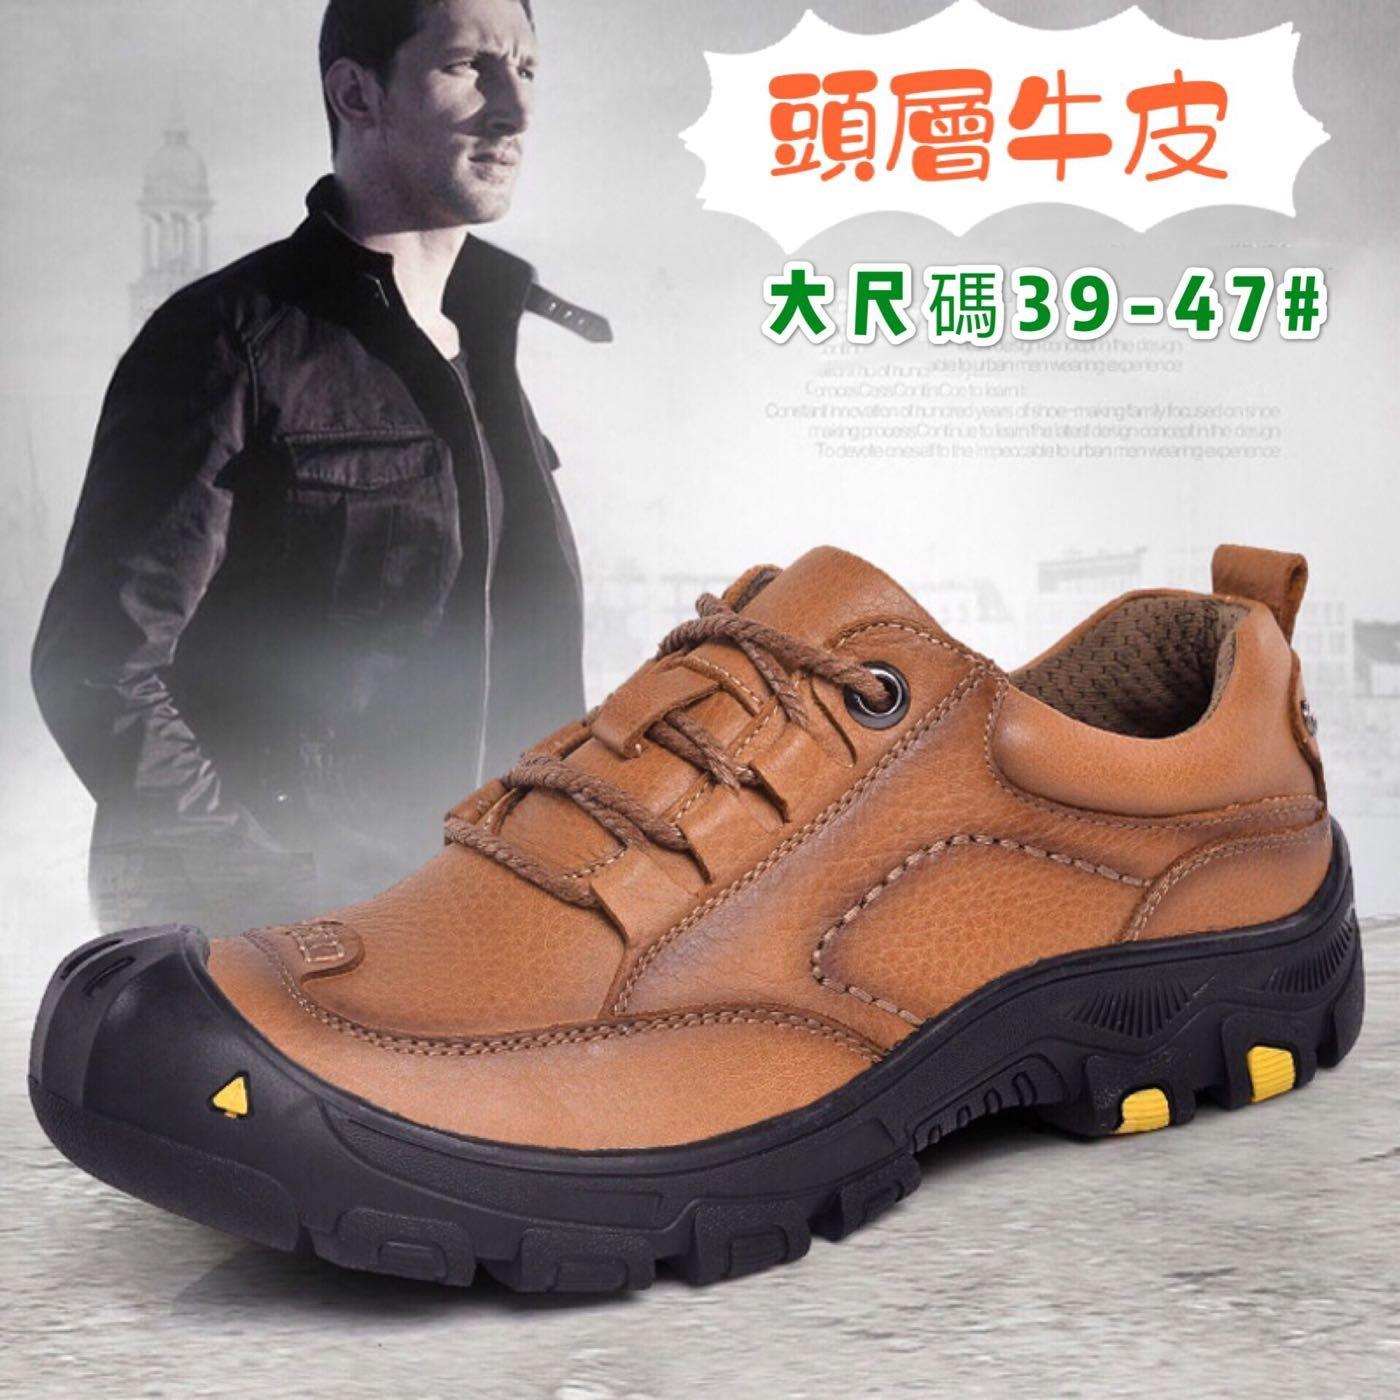 ♡JOE(39-47#)真皮男鞋 大尺碼 頭層牛皮 真皮休閒鞋 減震耐磨防滑真皮運動鞋 真皮登山鞋 真皮皮鞋